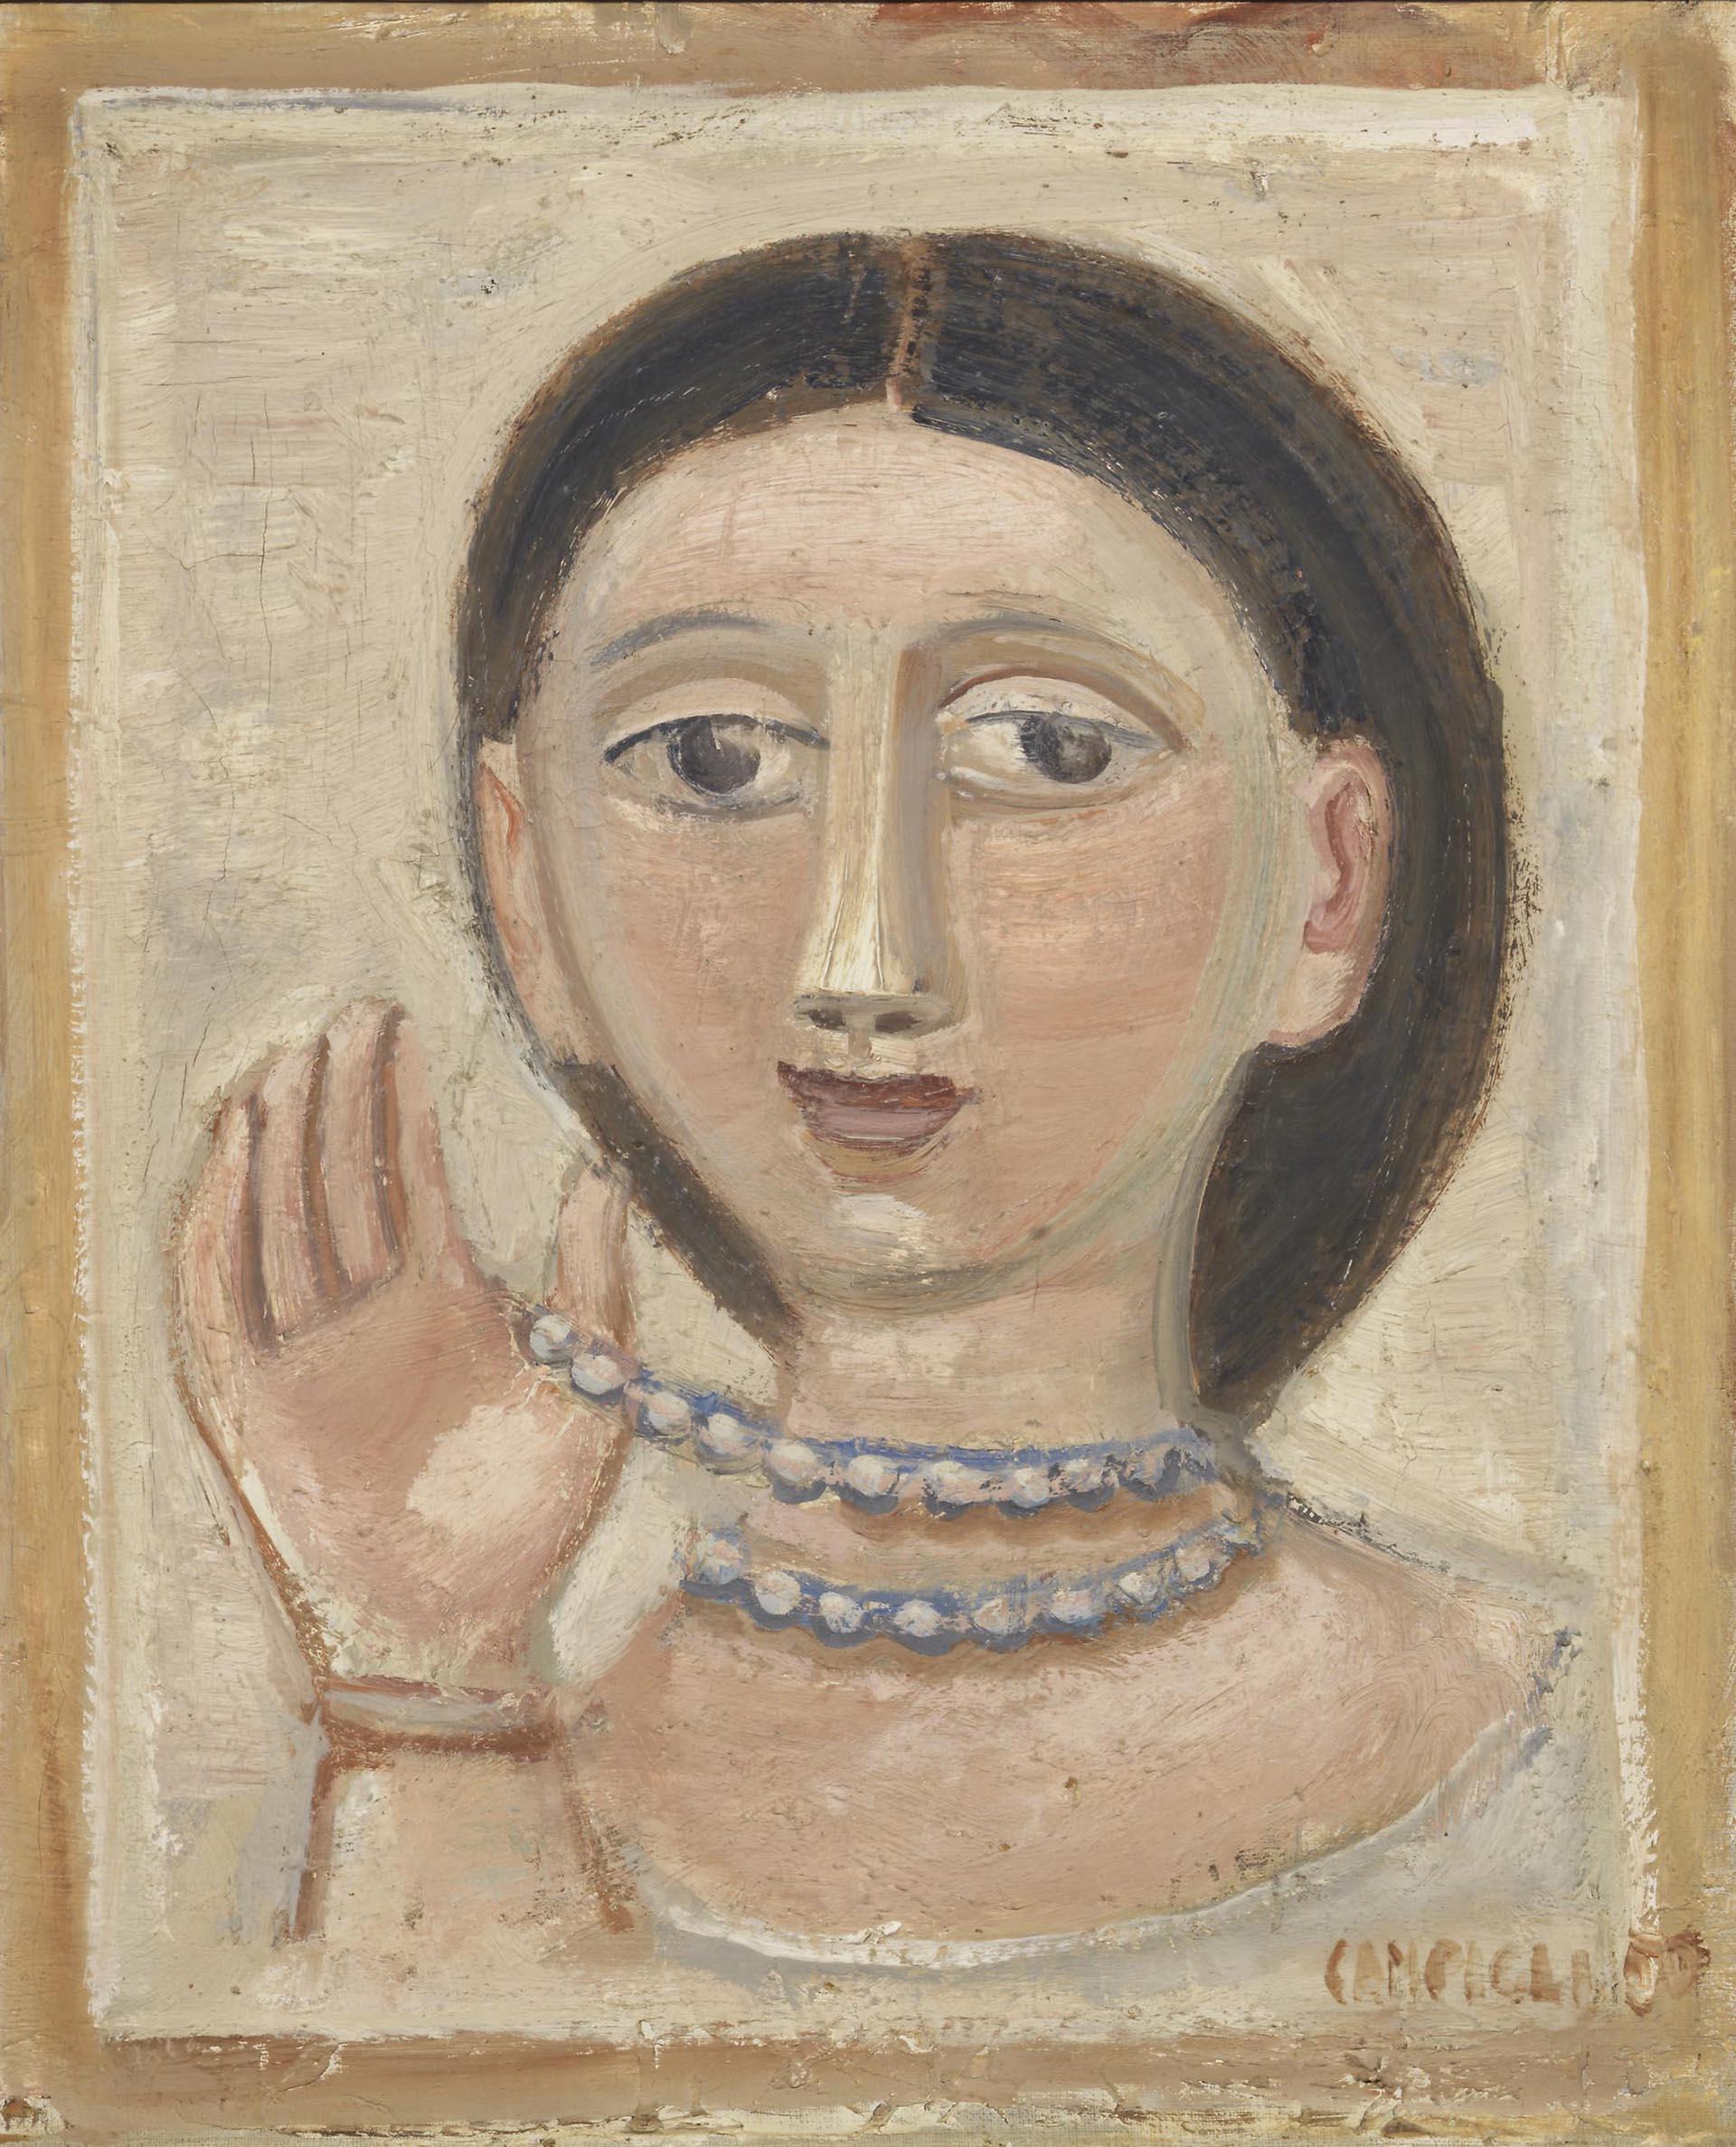 Campigli_Testa-di-donna-con-collana_1950_46x385-cm